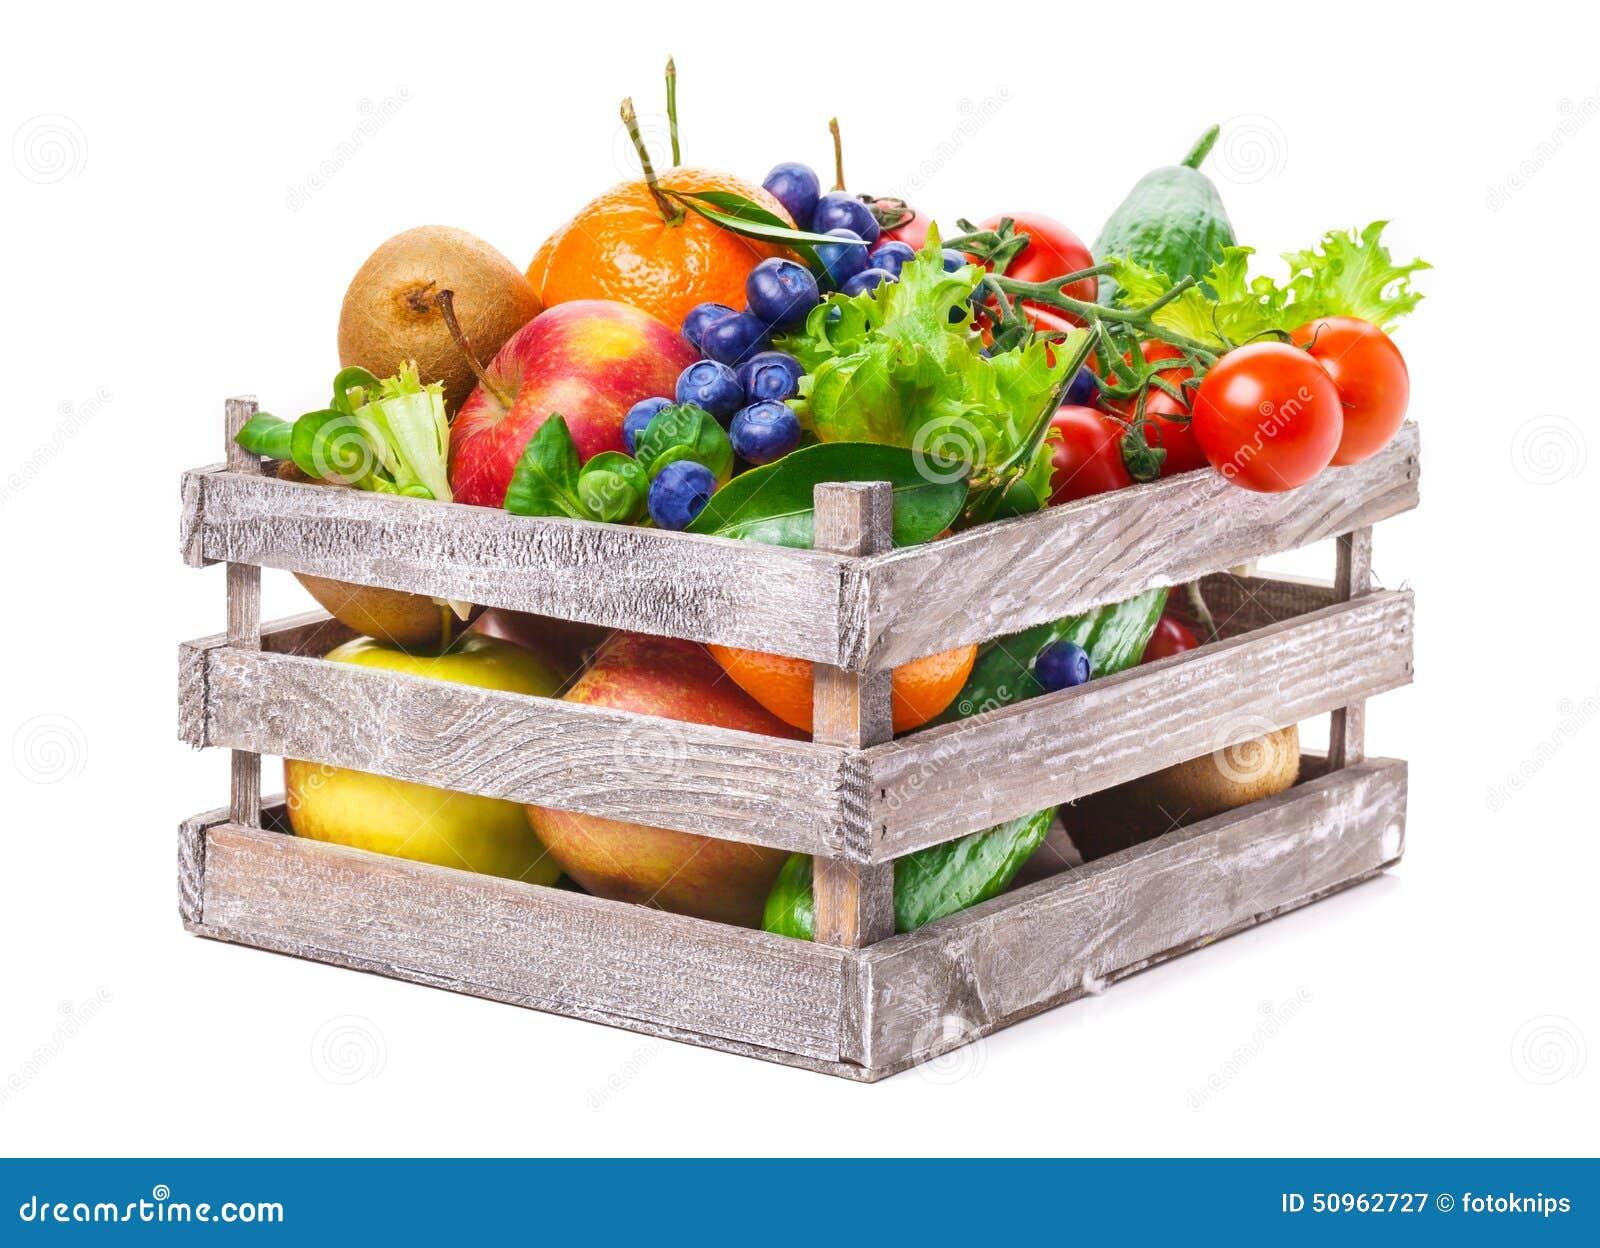 fruits vegetables in wooden box stock image image of area vegetables 50962727. Black Bedroom Furniture Sets. Home Design Ideas